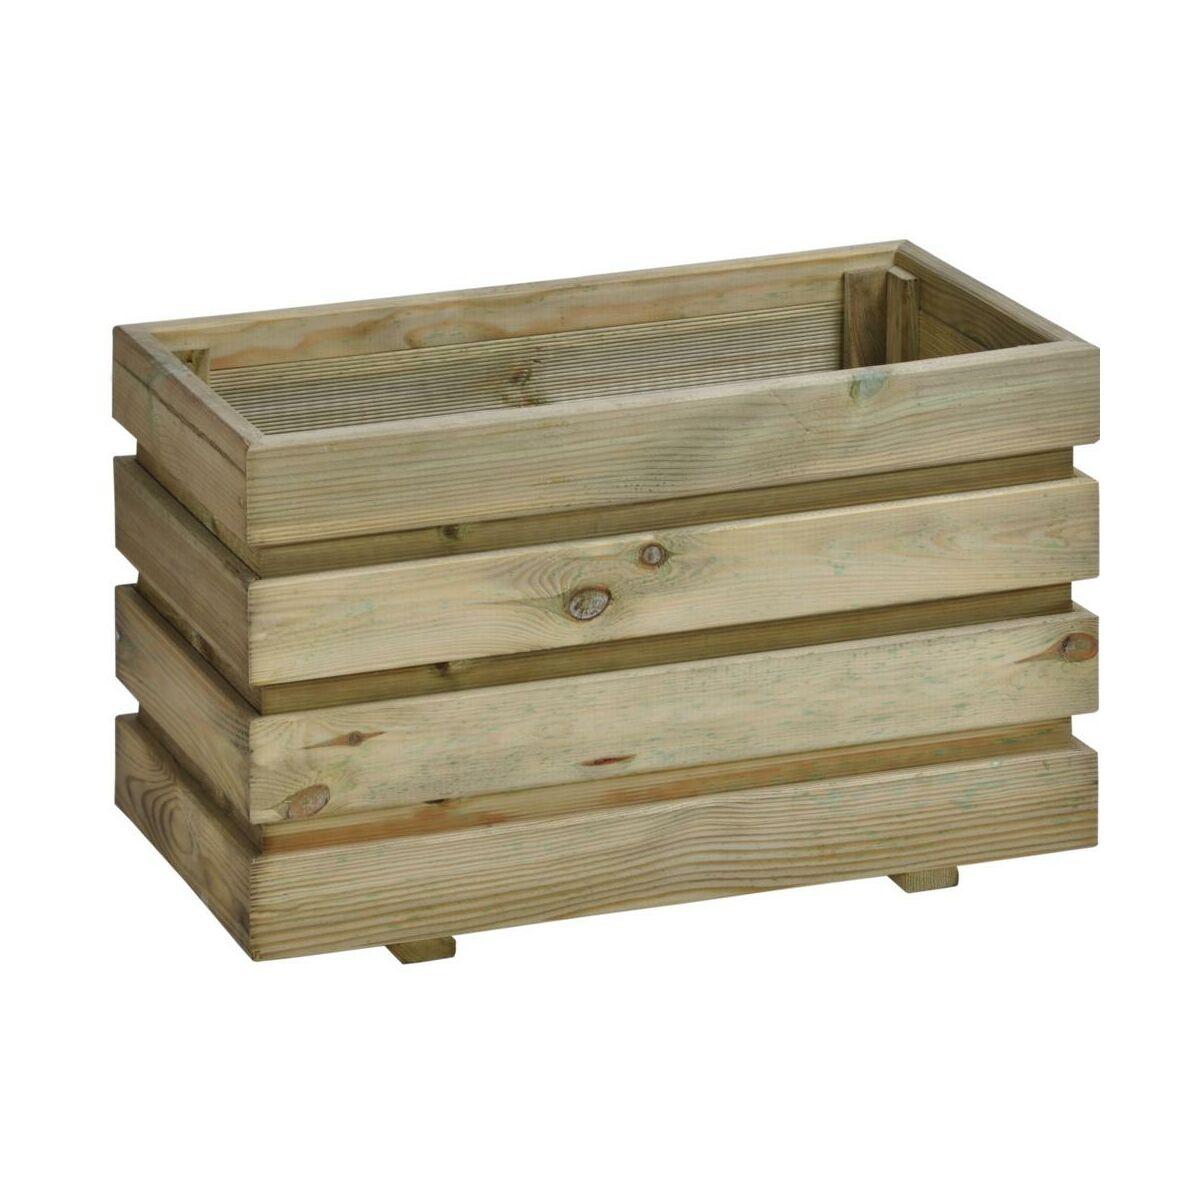 Donica Ogrodowa 60 X 37 Cm Drewniana Fix Sobex Donice Ogrodowe W Atrakcyjnej Cenie W Sklepach Leroy Merlin